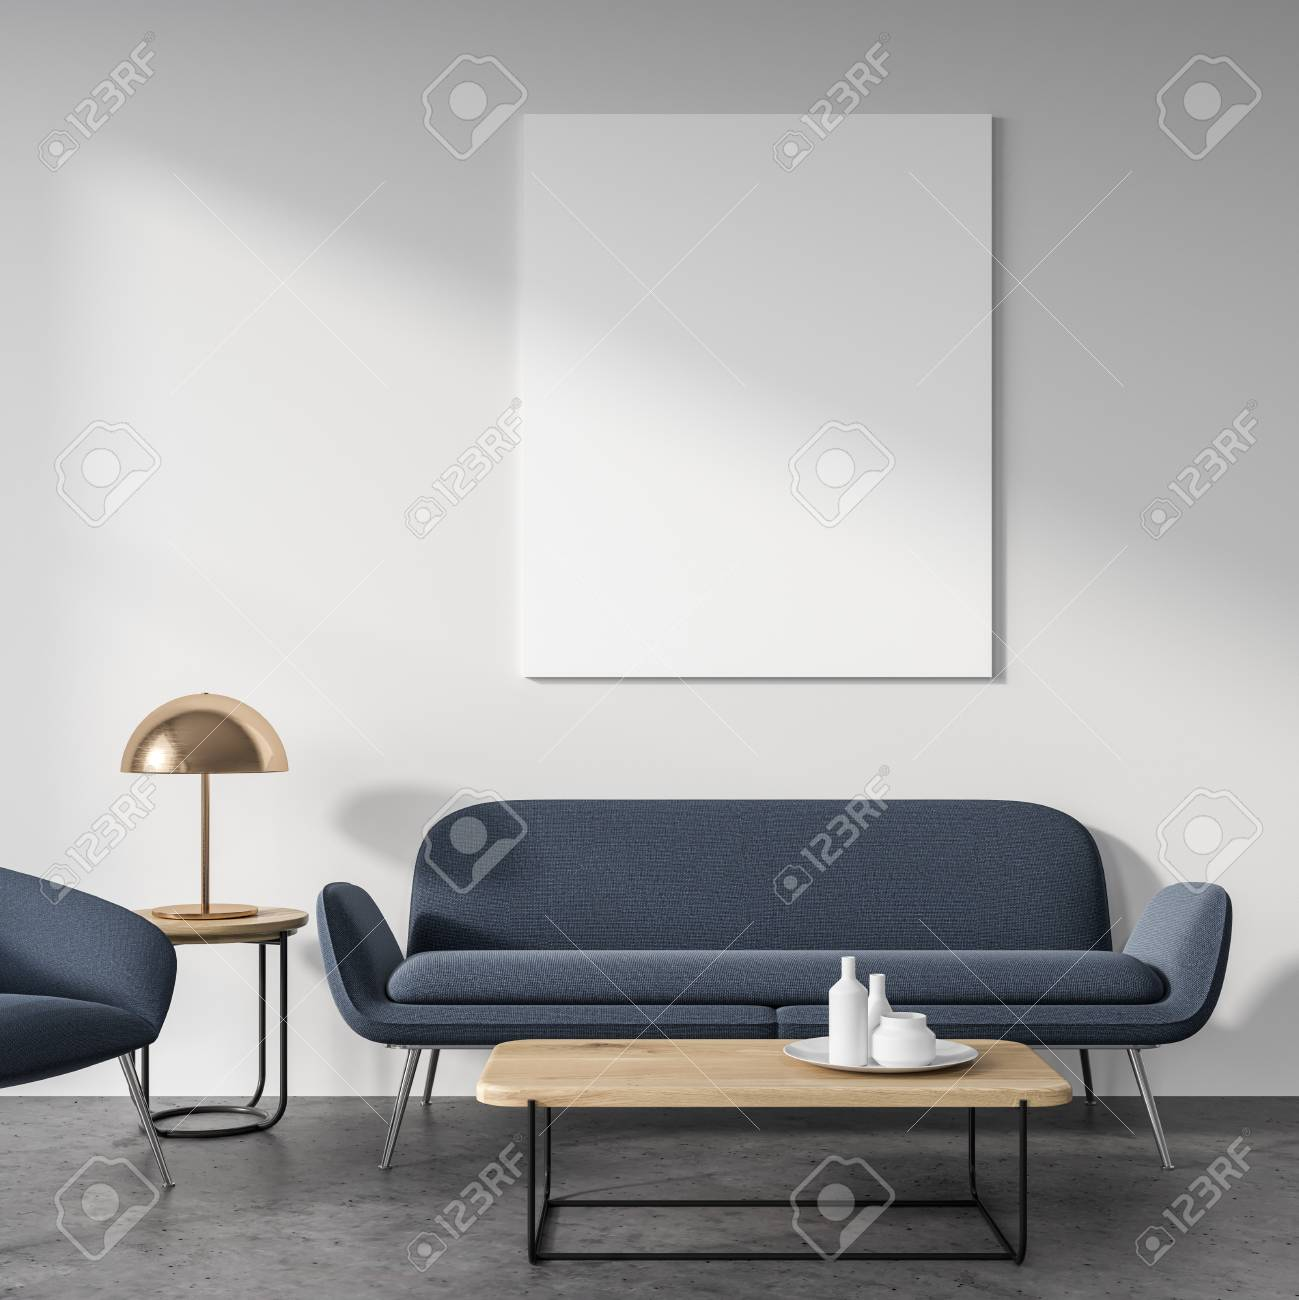 Soggiorno Con Divano Grigio Scuro salotto bianco interno con pavimento in cemento, un morbido divano grigio  scuro e un caffè talbe. un poster. rendering 3d mock up